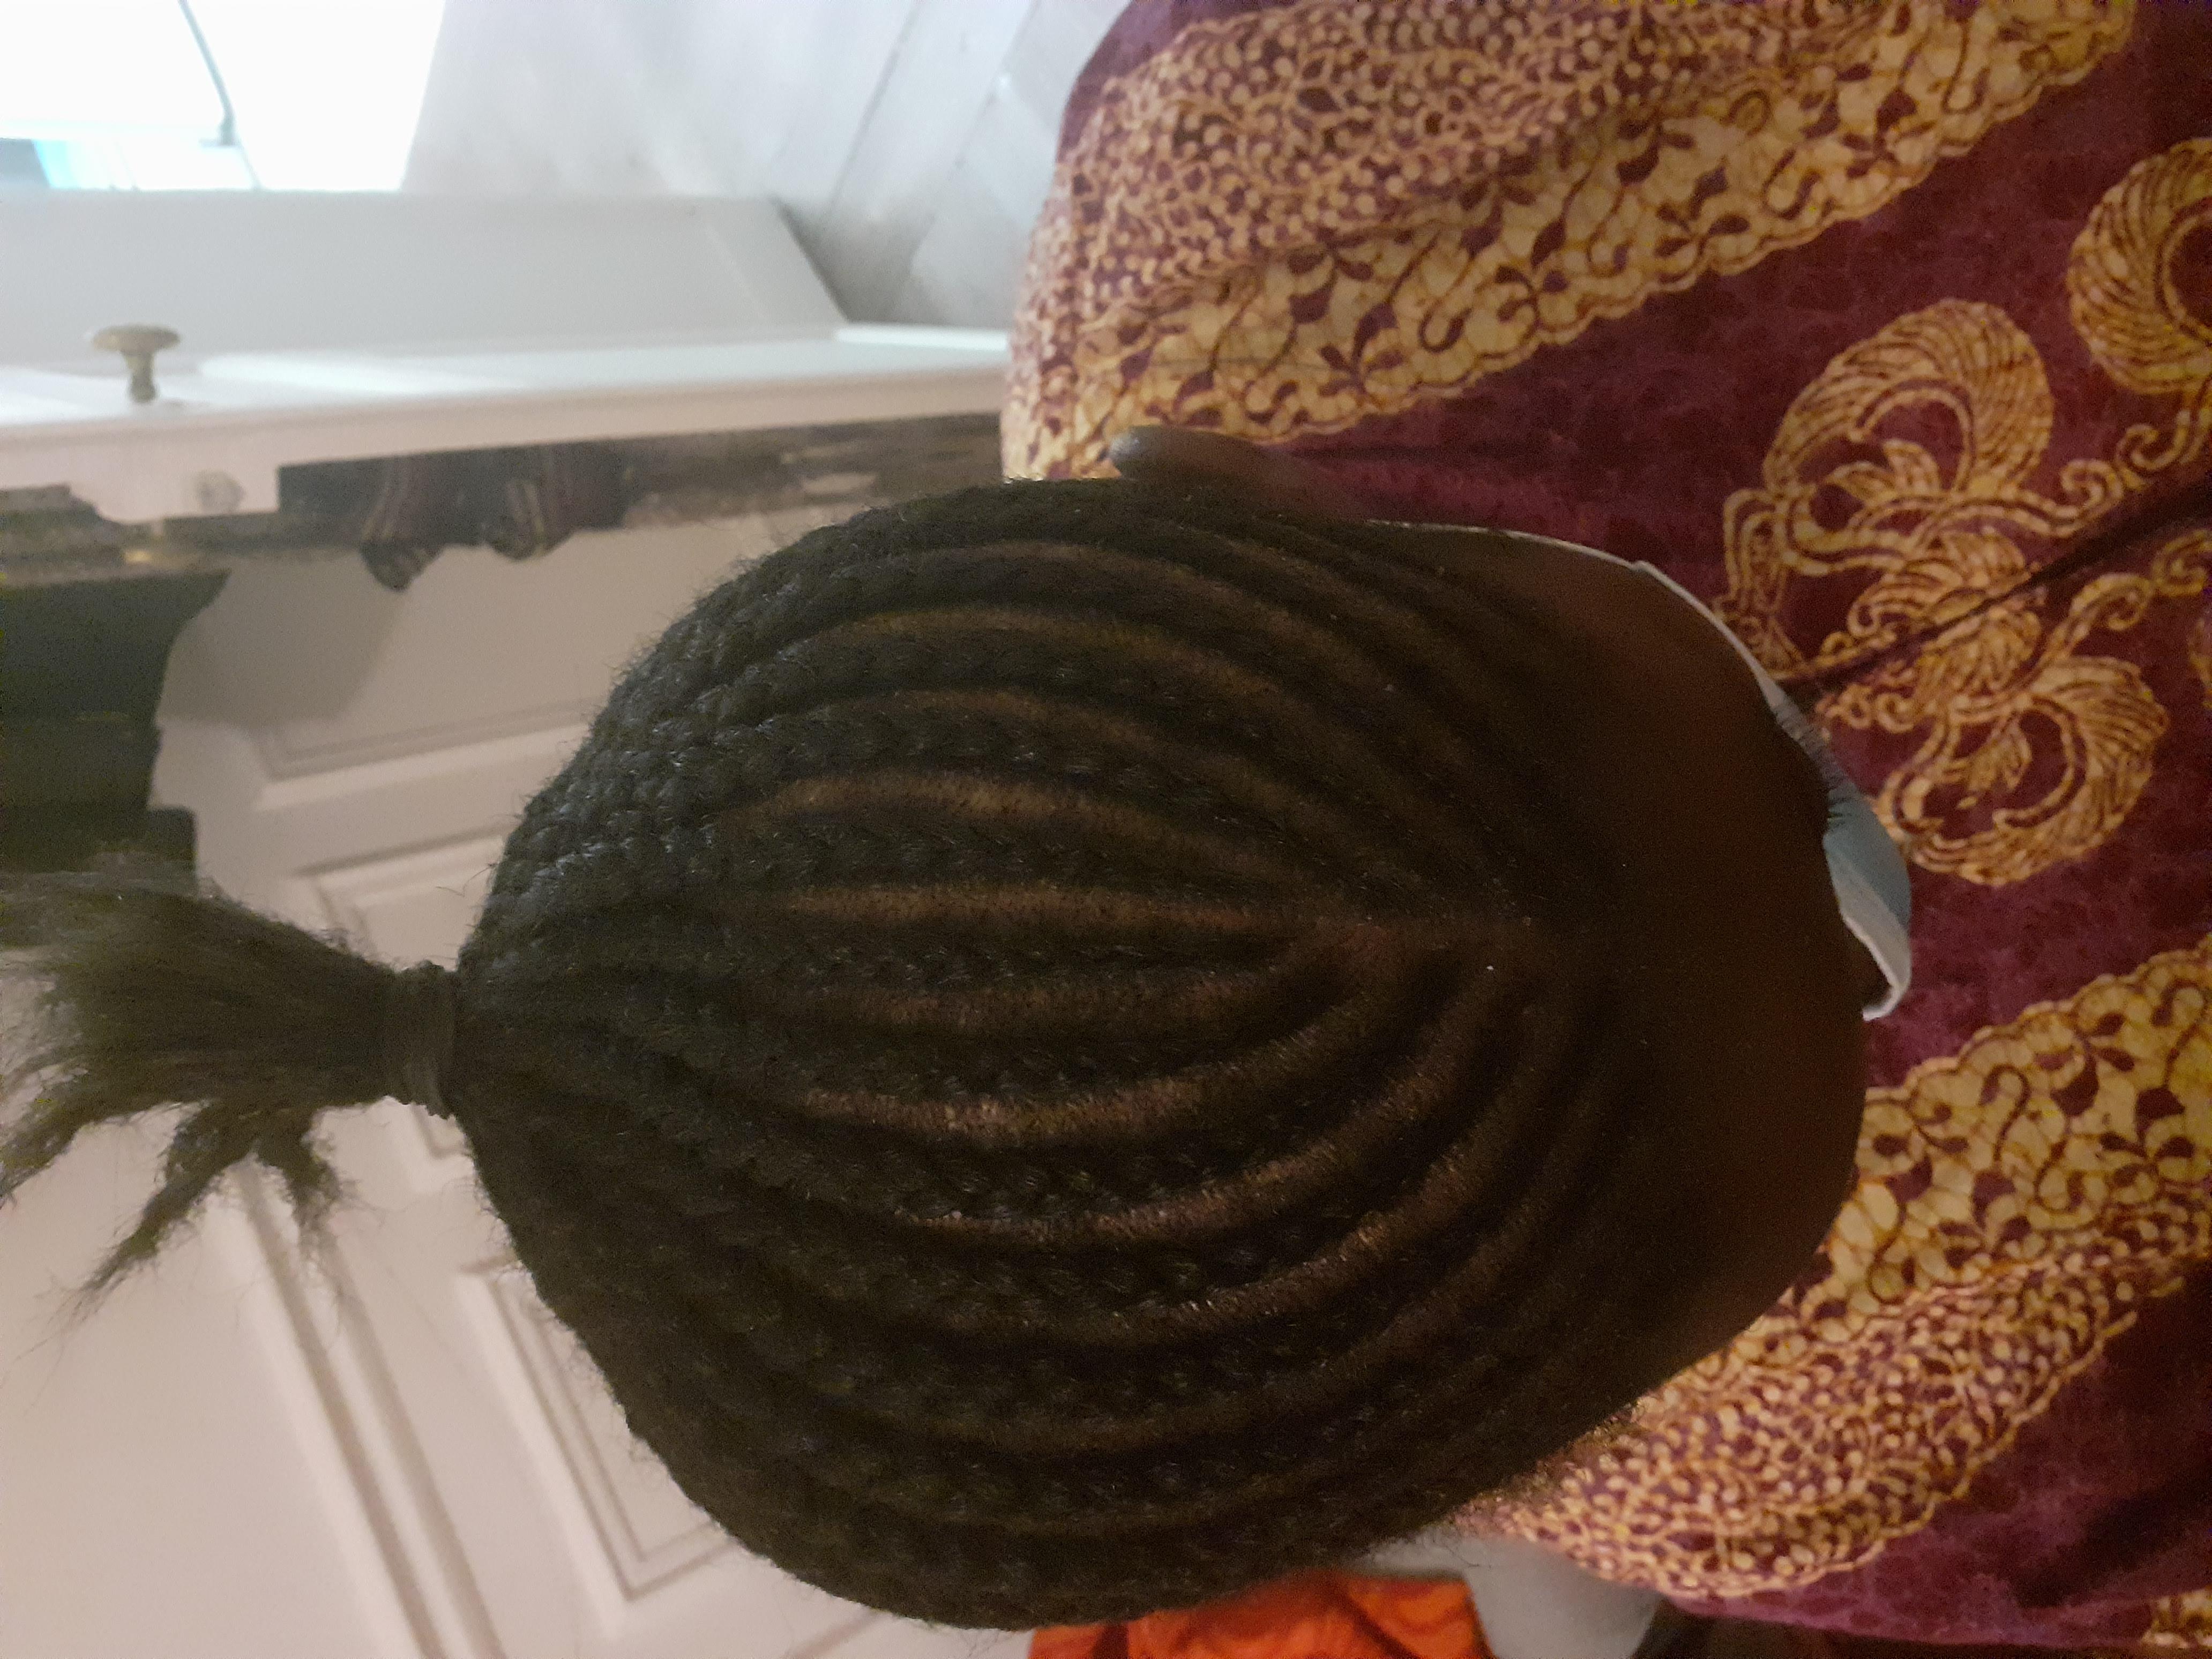 salon de coiffure afro tresse tresses box braids crochet braids vanilles tissages paris 75 77 78 91 92 93 94 95 DNGZQWPA